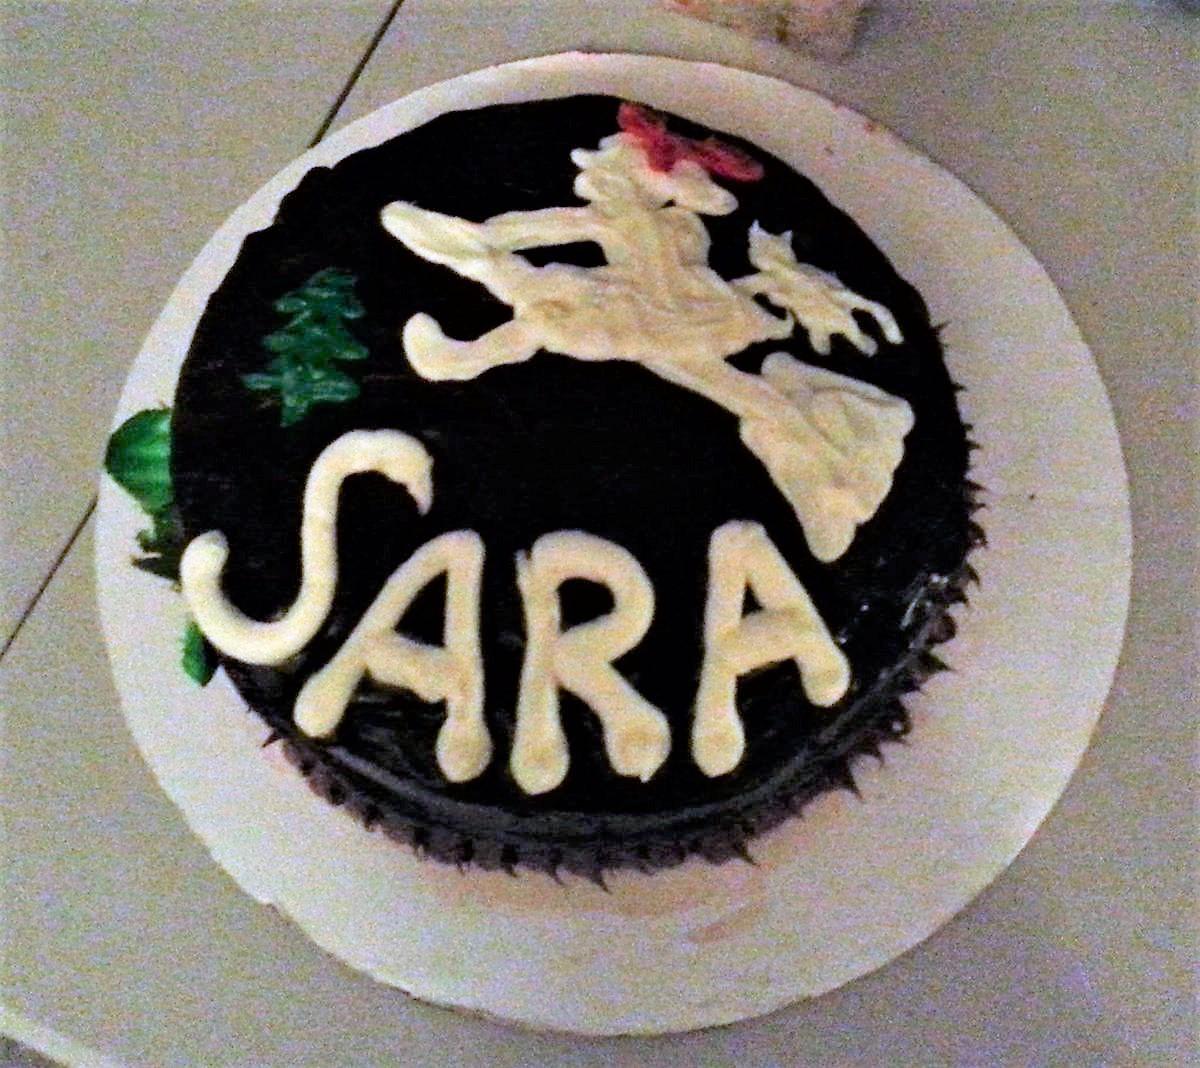 a-cake1.jpg